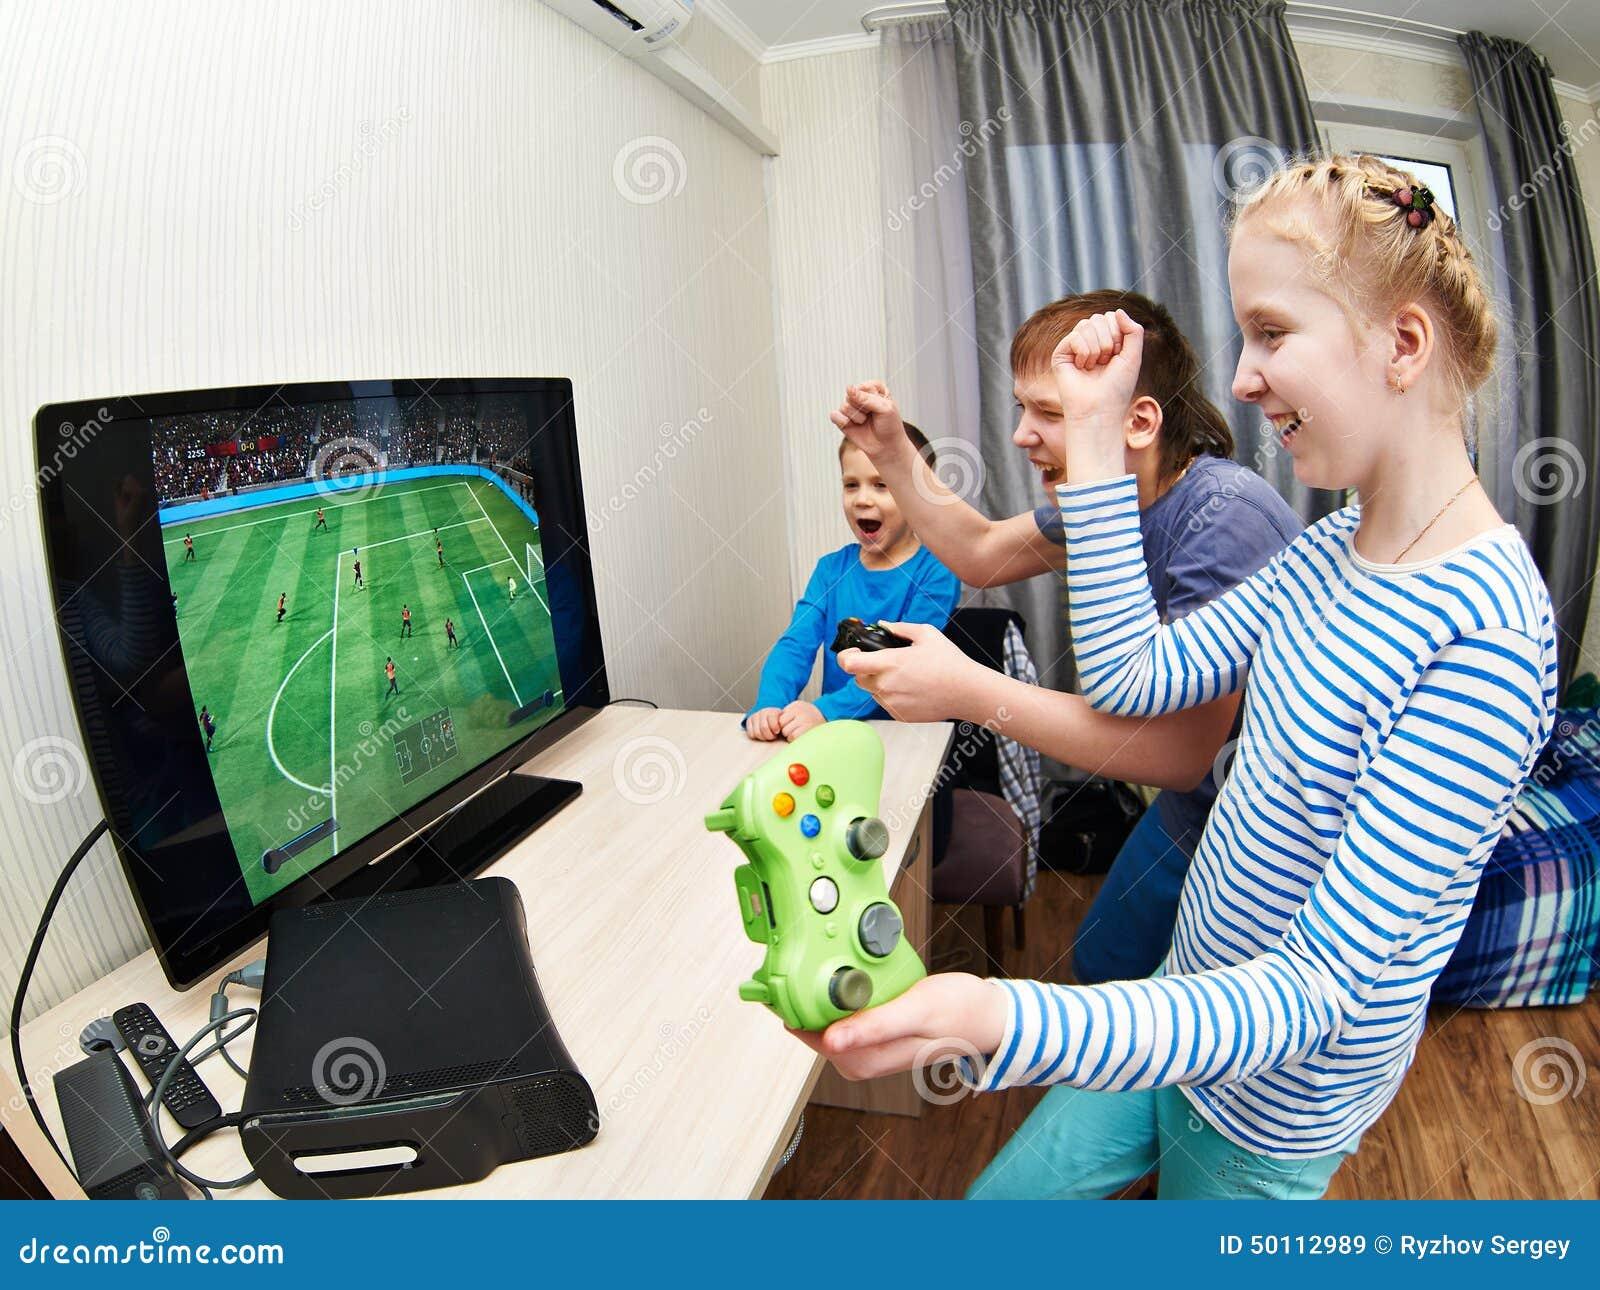 Enfants jouant sur la console de jeux pour jouer au football image stock image du gosse - Console de jeux pour enfant ...